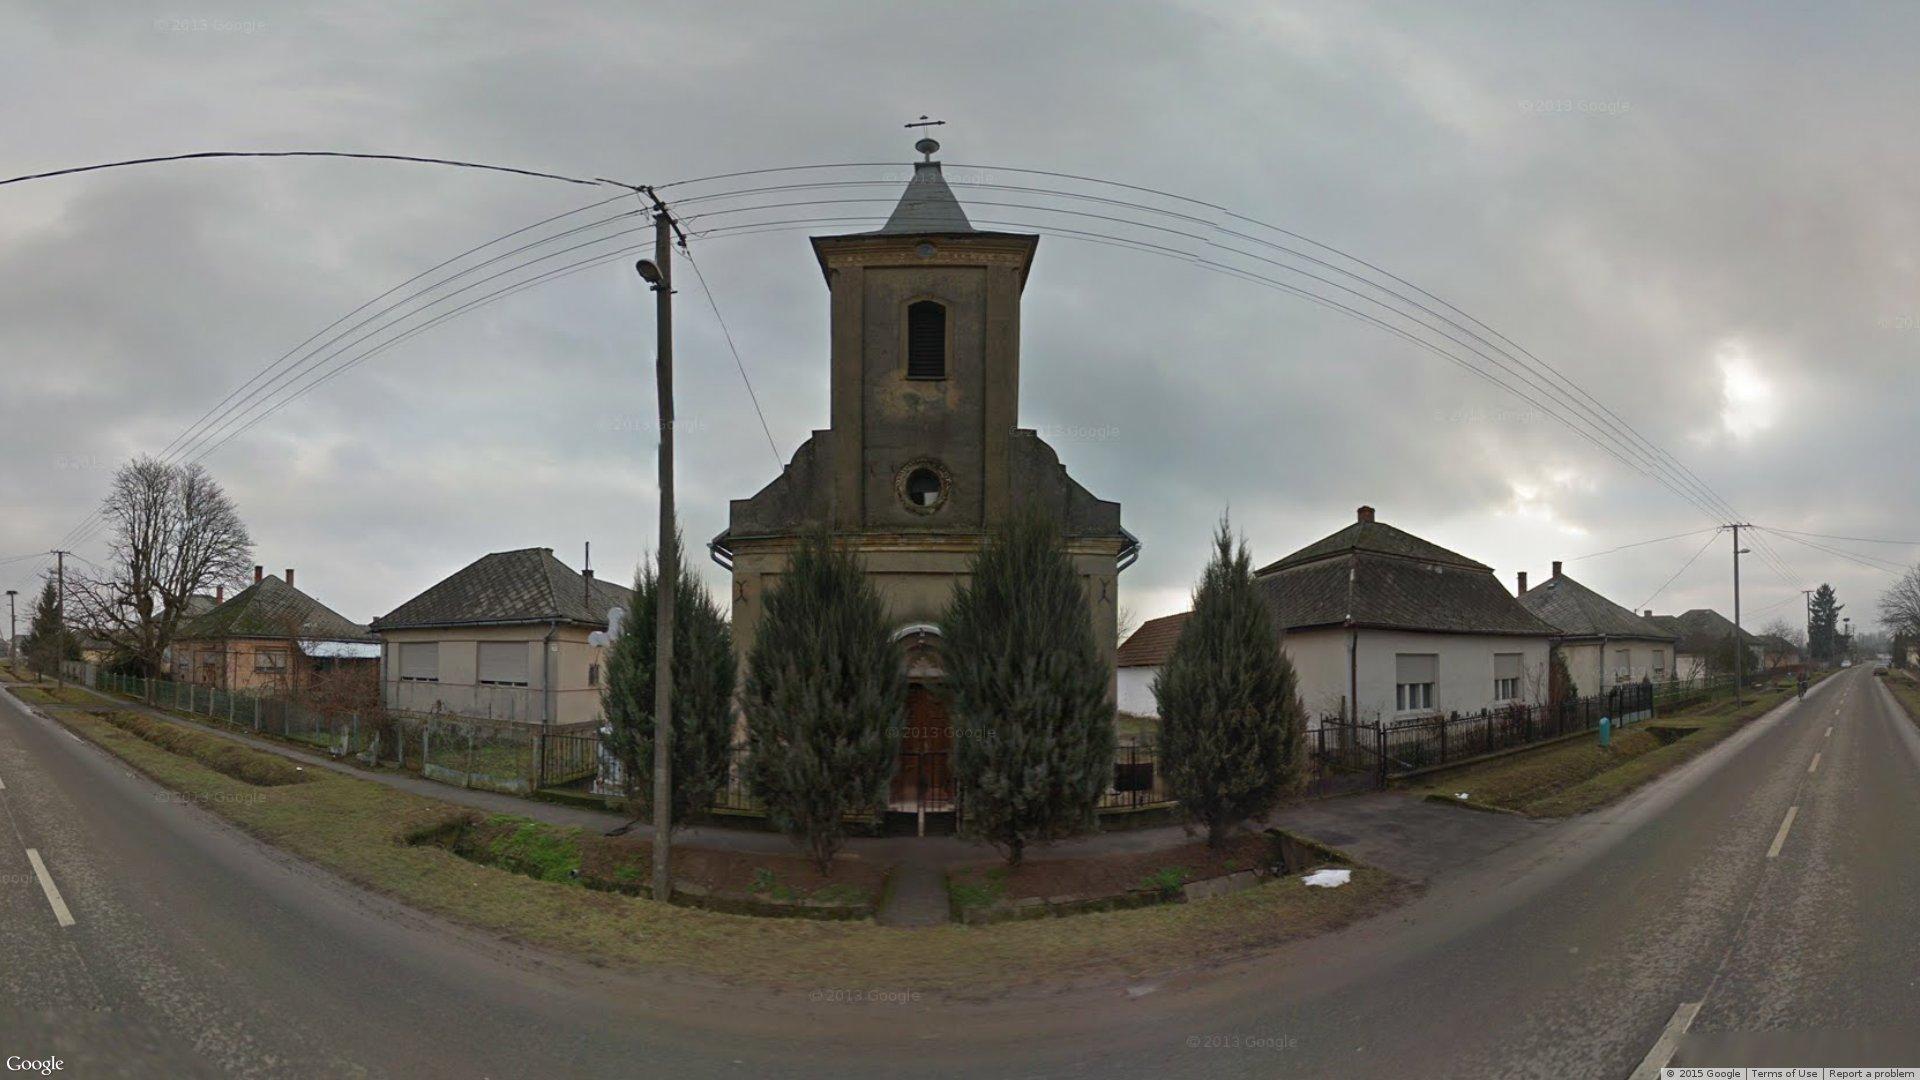 Tiszaadony, Hungary